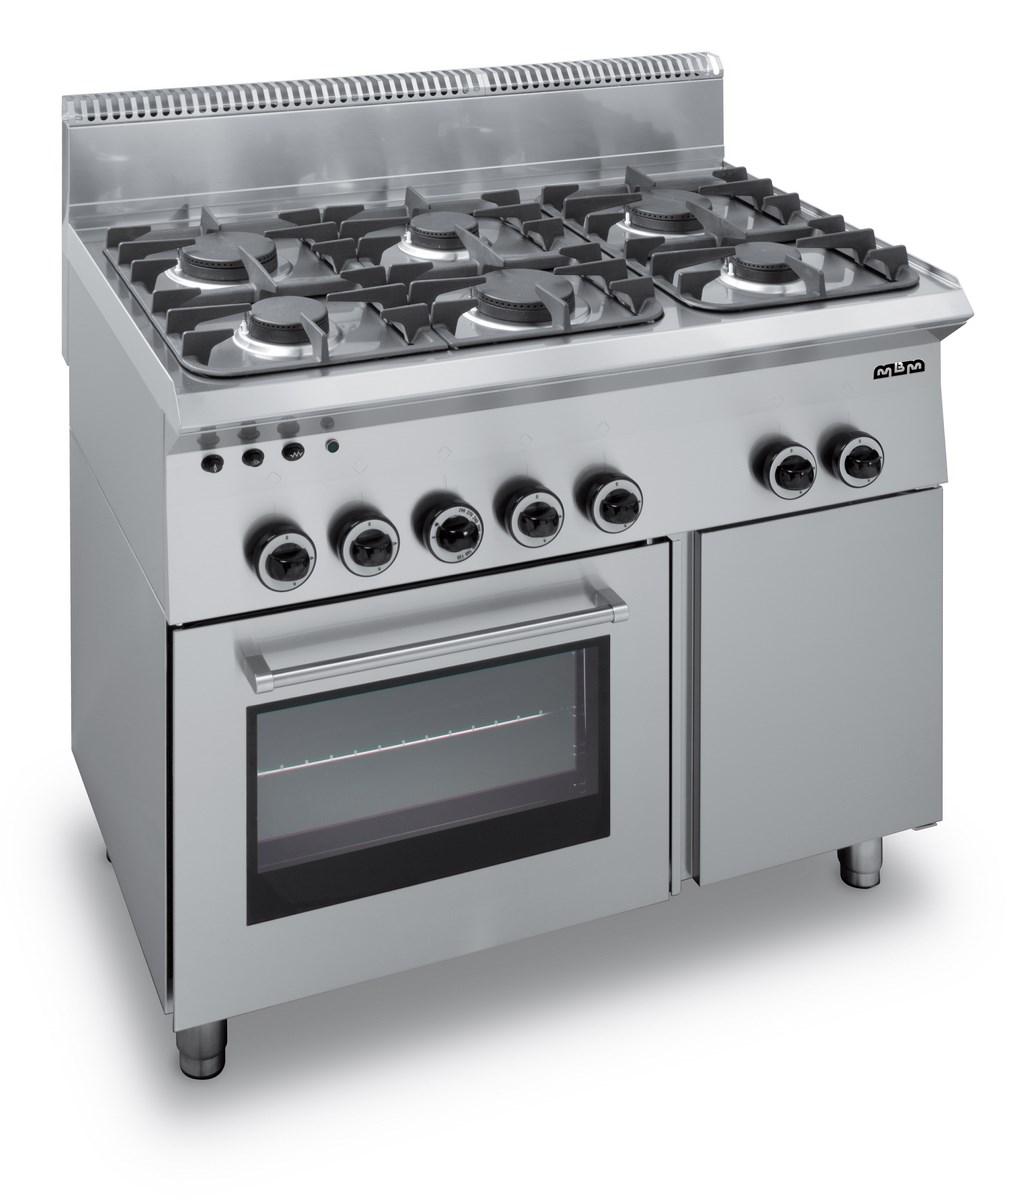 feux vifs cuisiniere a gaz 6 feux sur four a gaz avec grill electrique